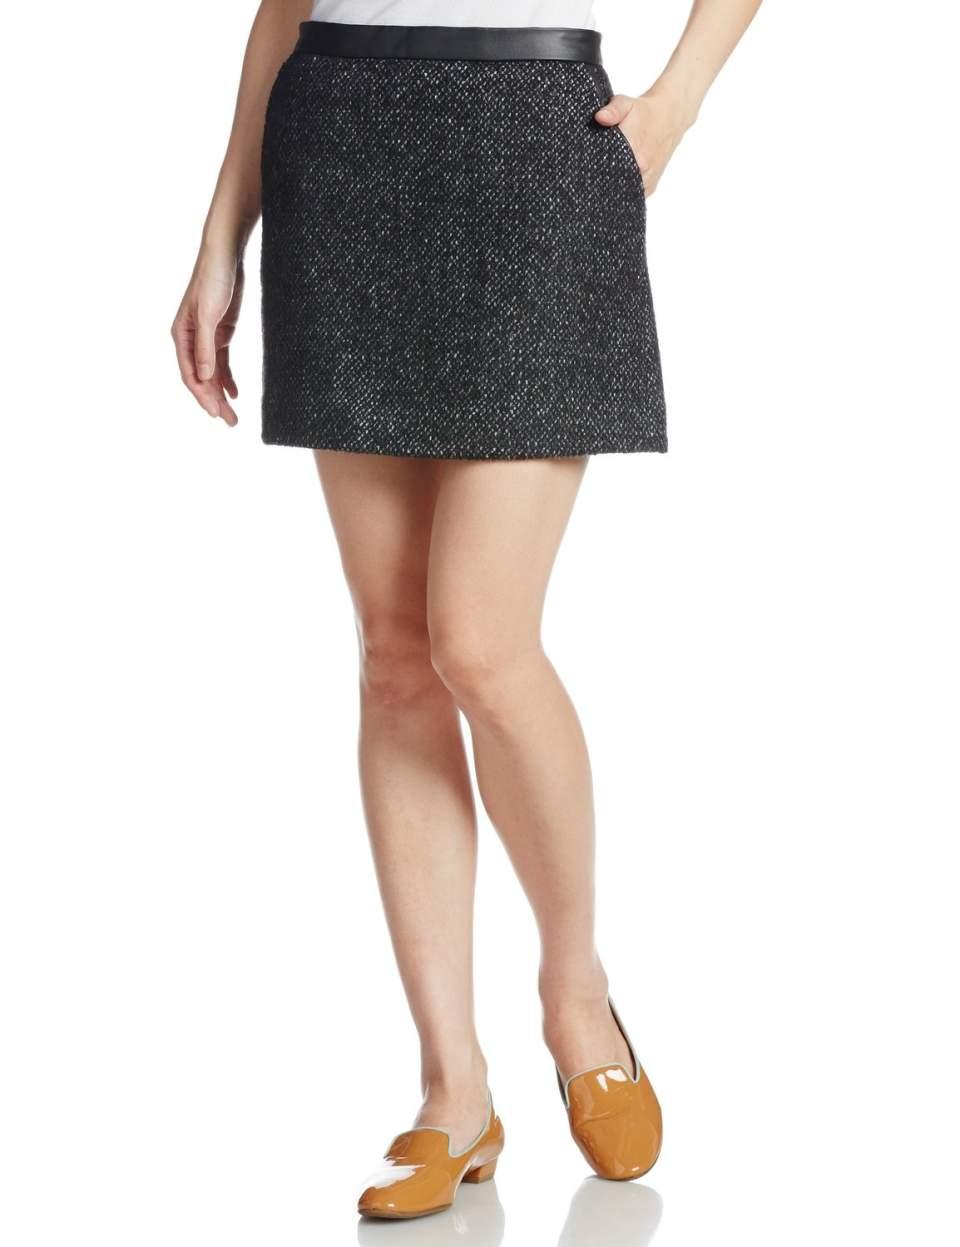 どこまでアリでどこからがダメ? 誰も教えてくれなかった女性版オフィスOK服とNG服 6番目の画像